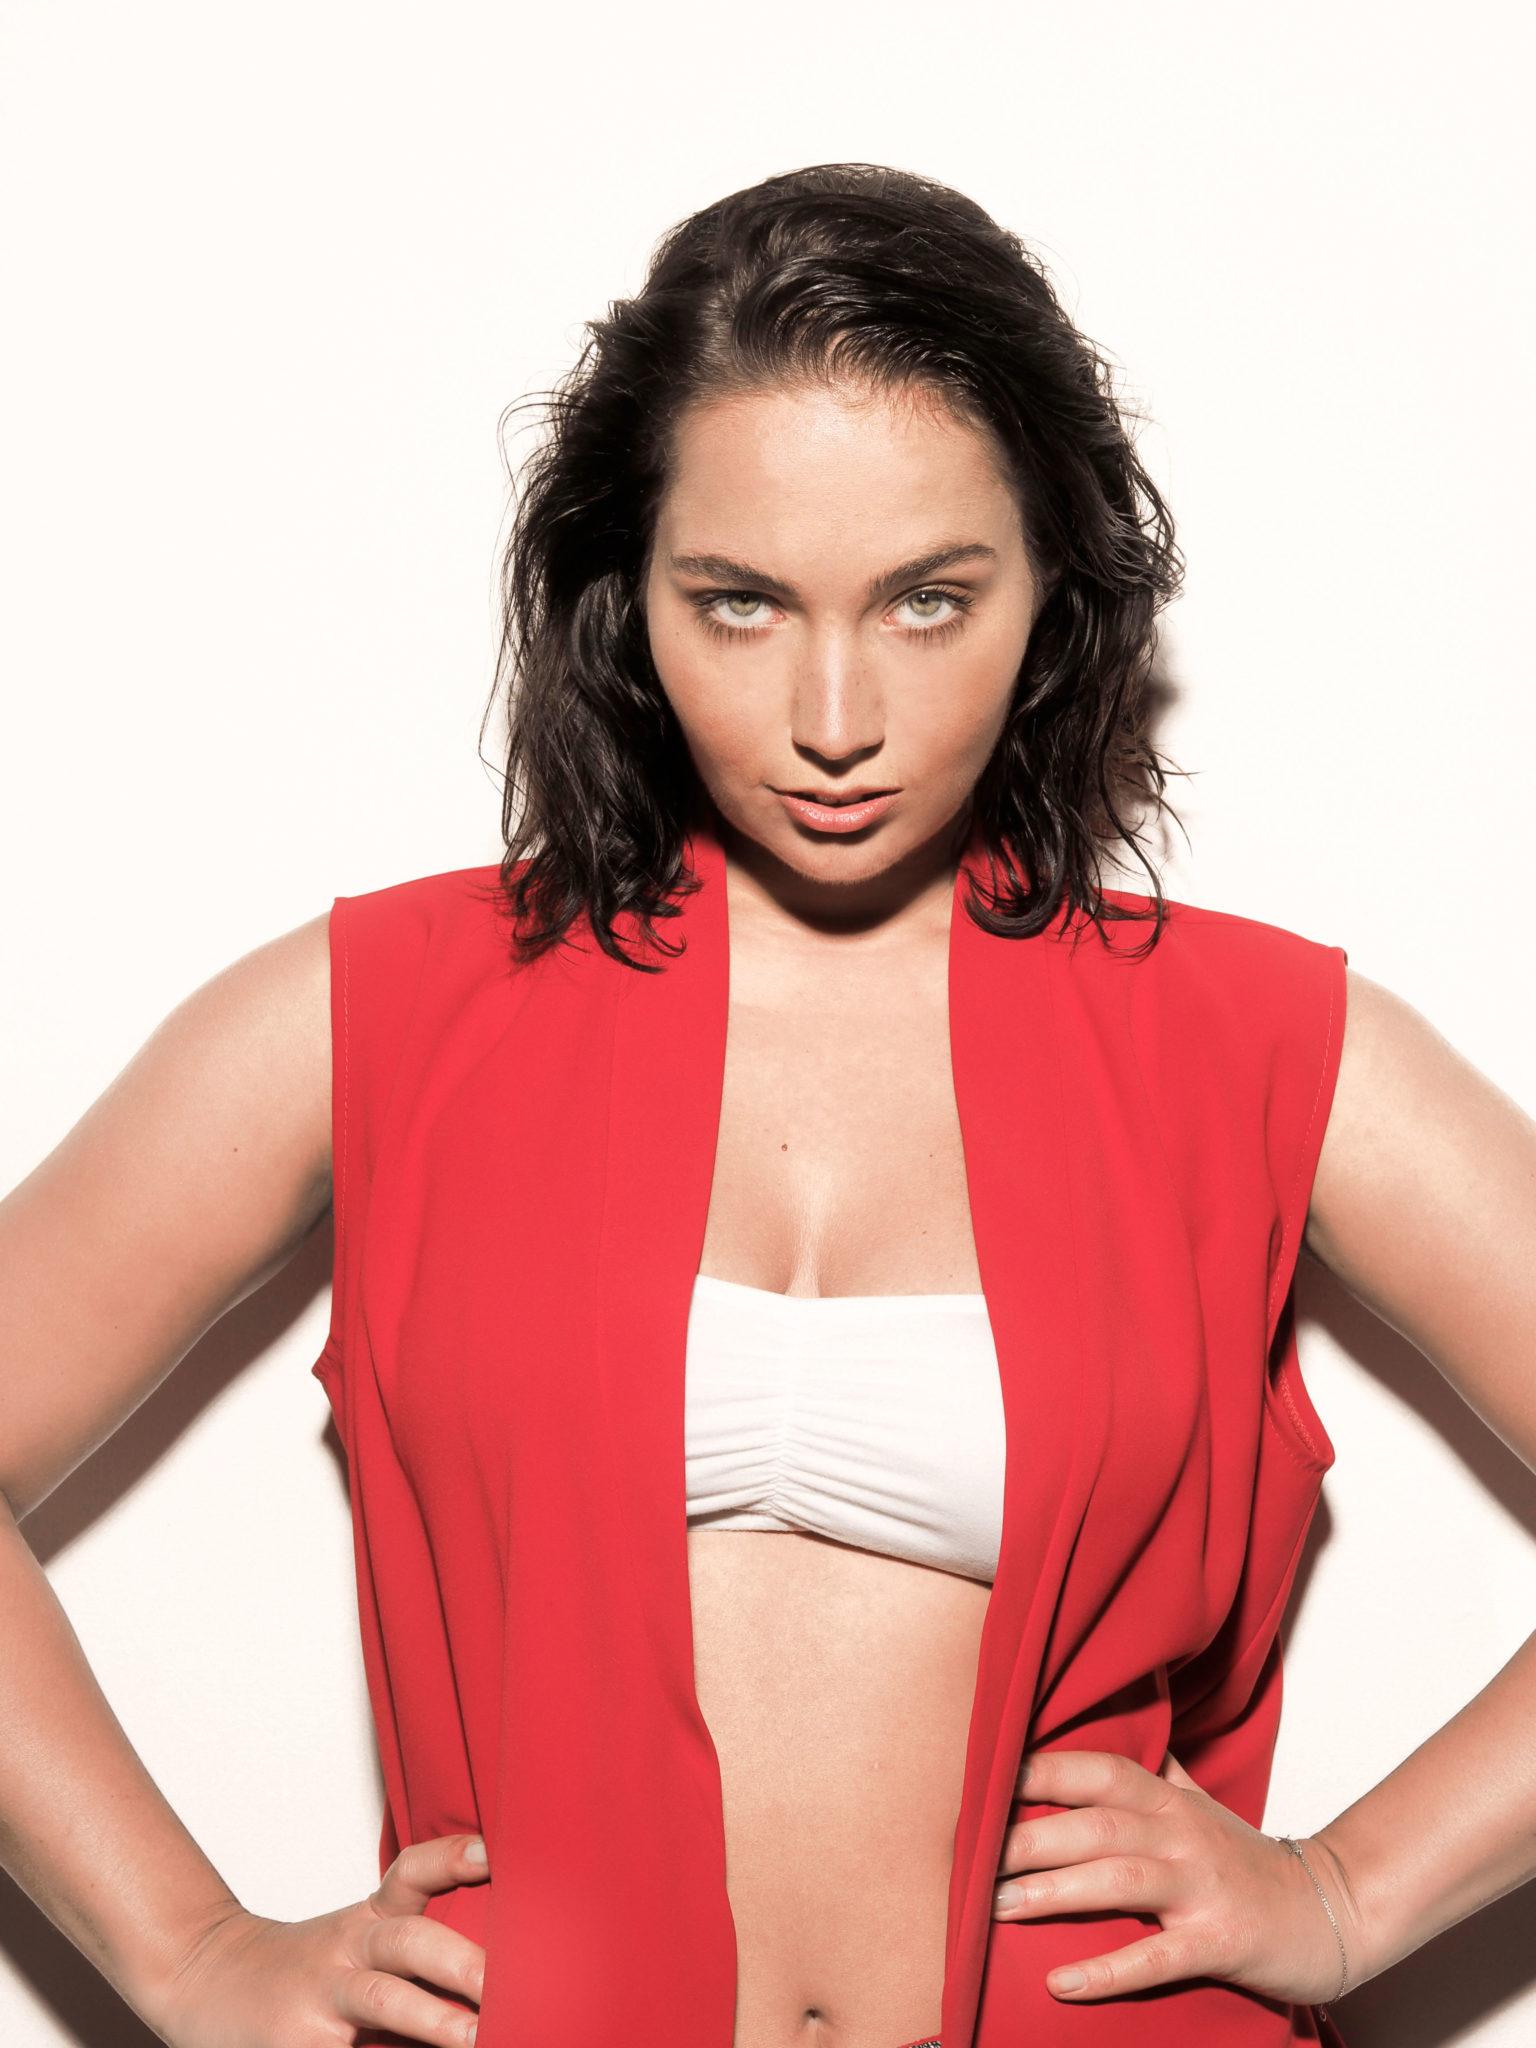 Na bialym tle stoi brunetka ubrana w bialy top i czerwona kamizelke podparta rekami pod boki